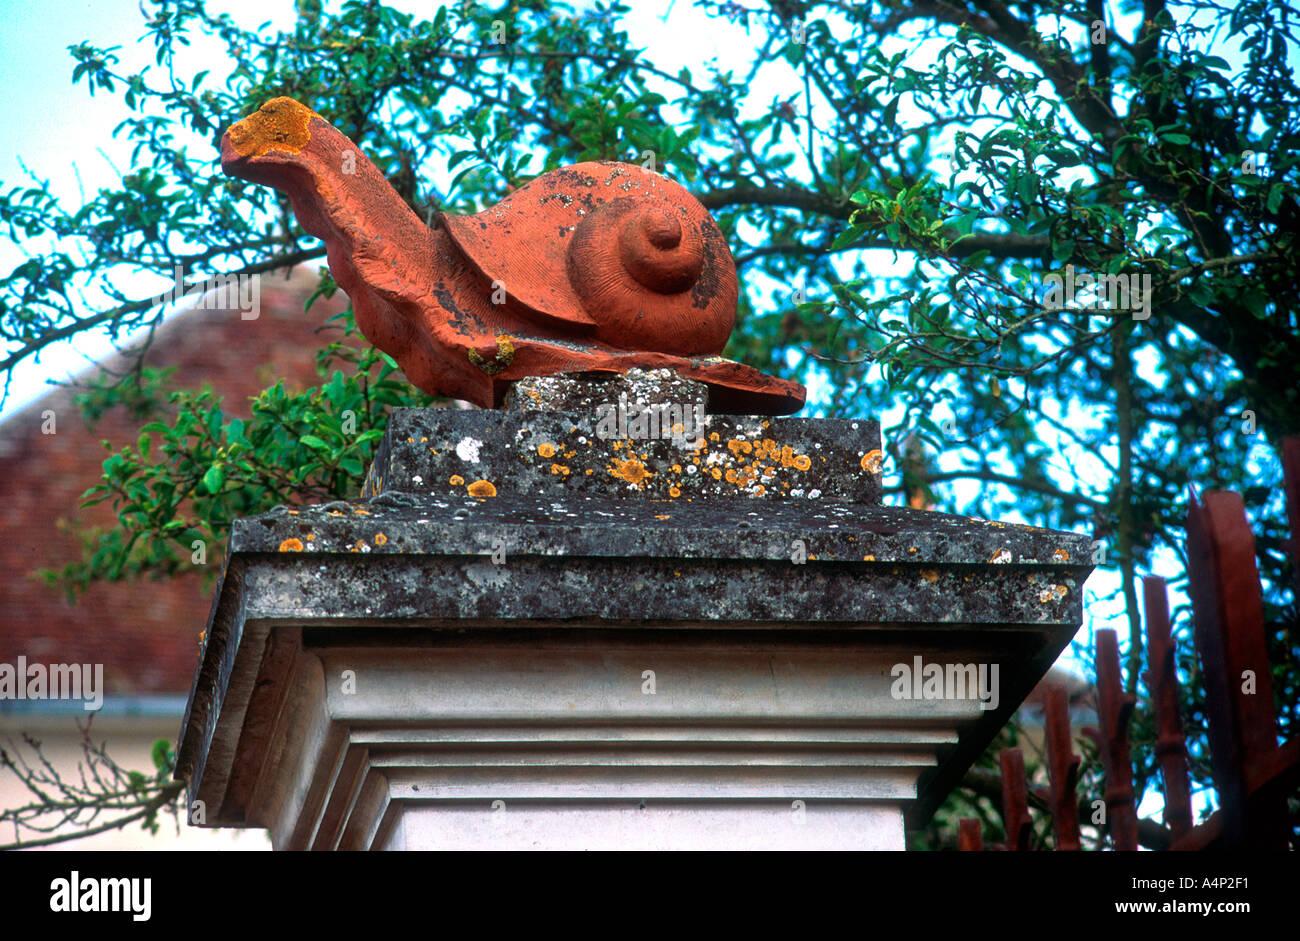 Terracotta snail on gatepost France - Stock Image